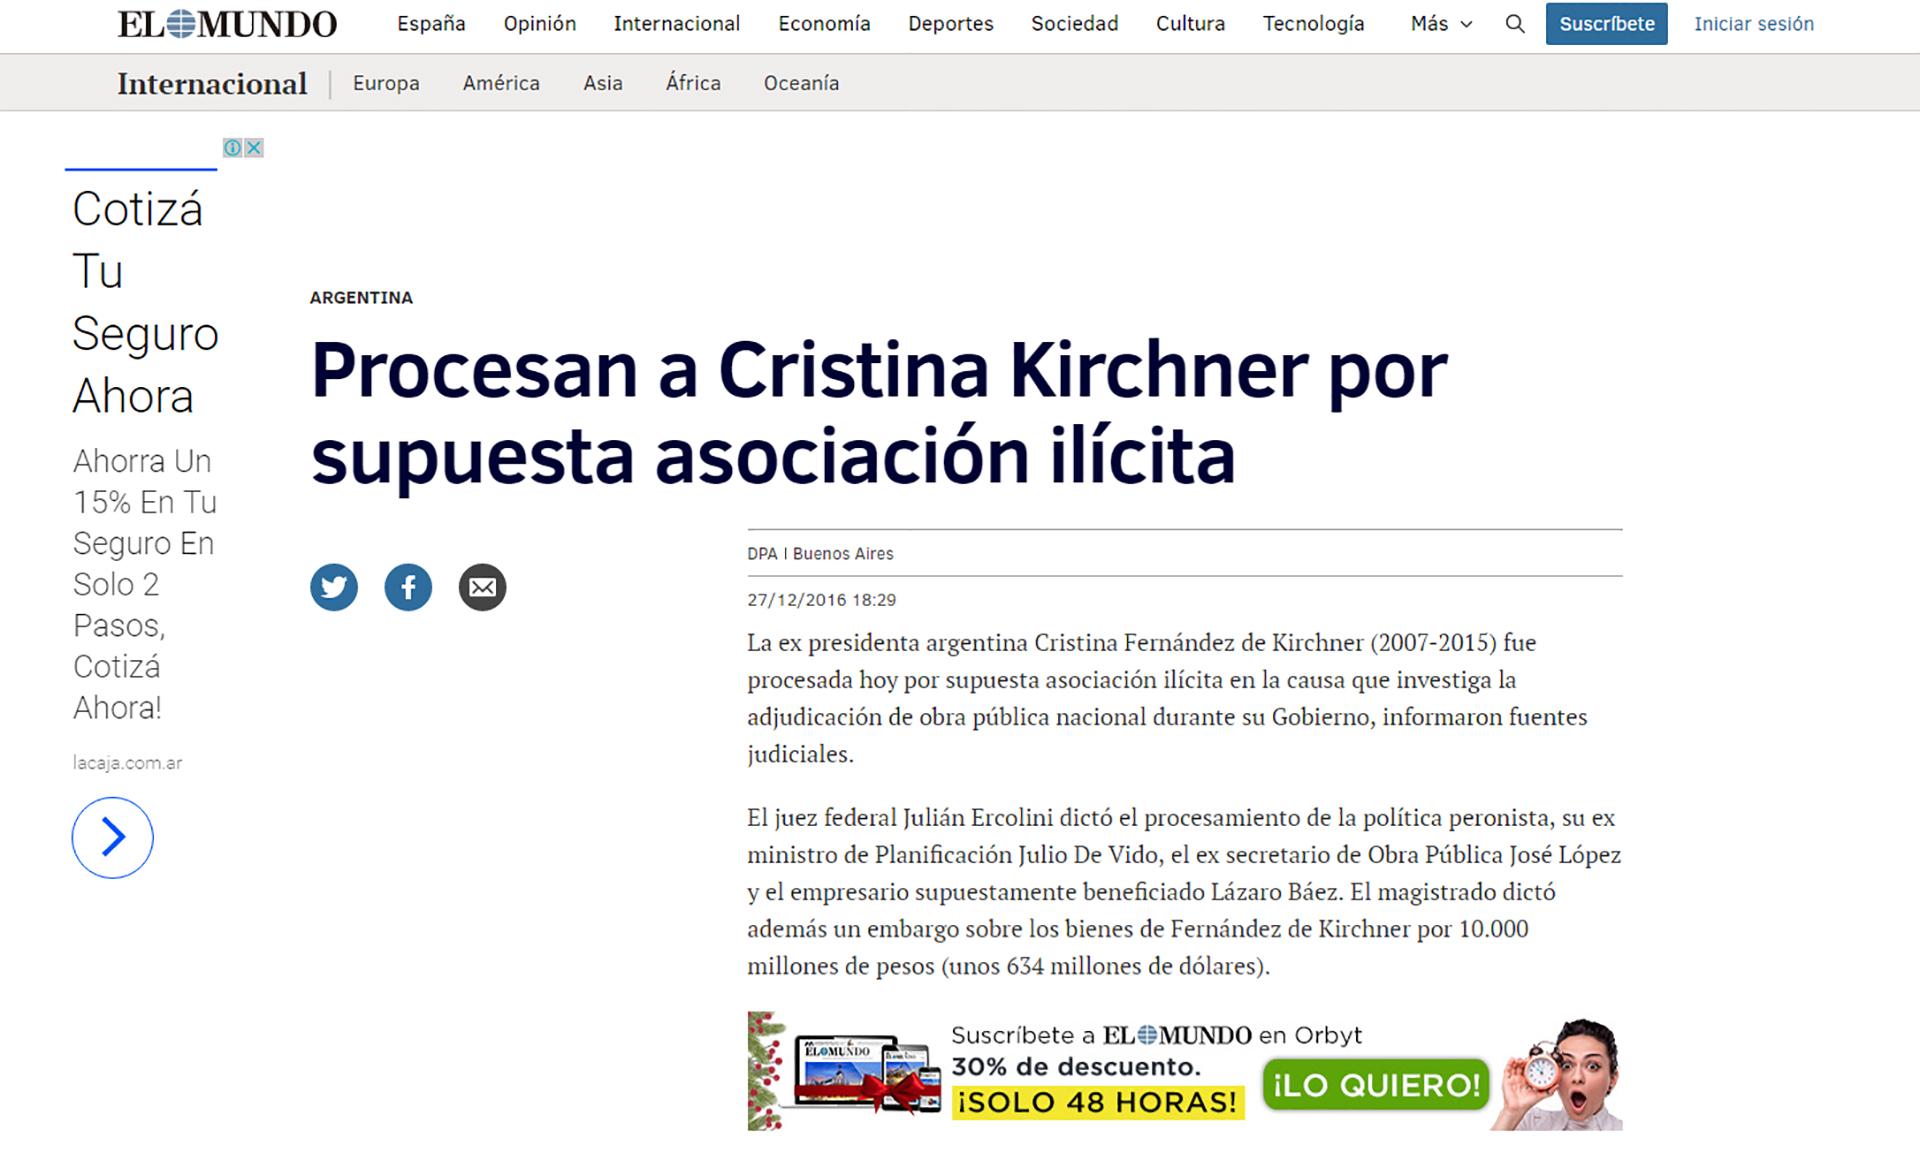 El Mundo fue el primer medio español en informar sobre el traspié judicial de la ex presidente argentina